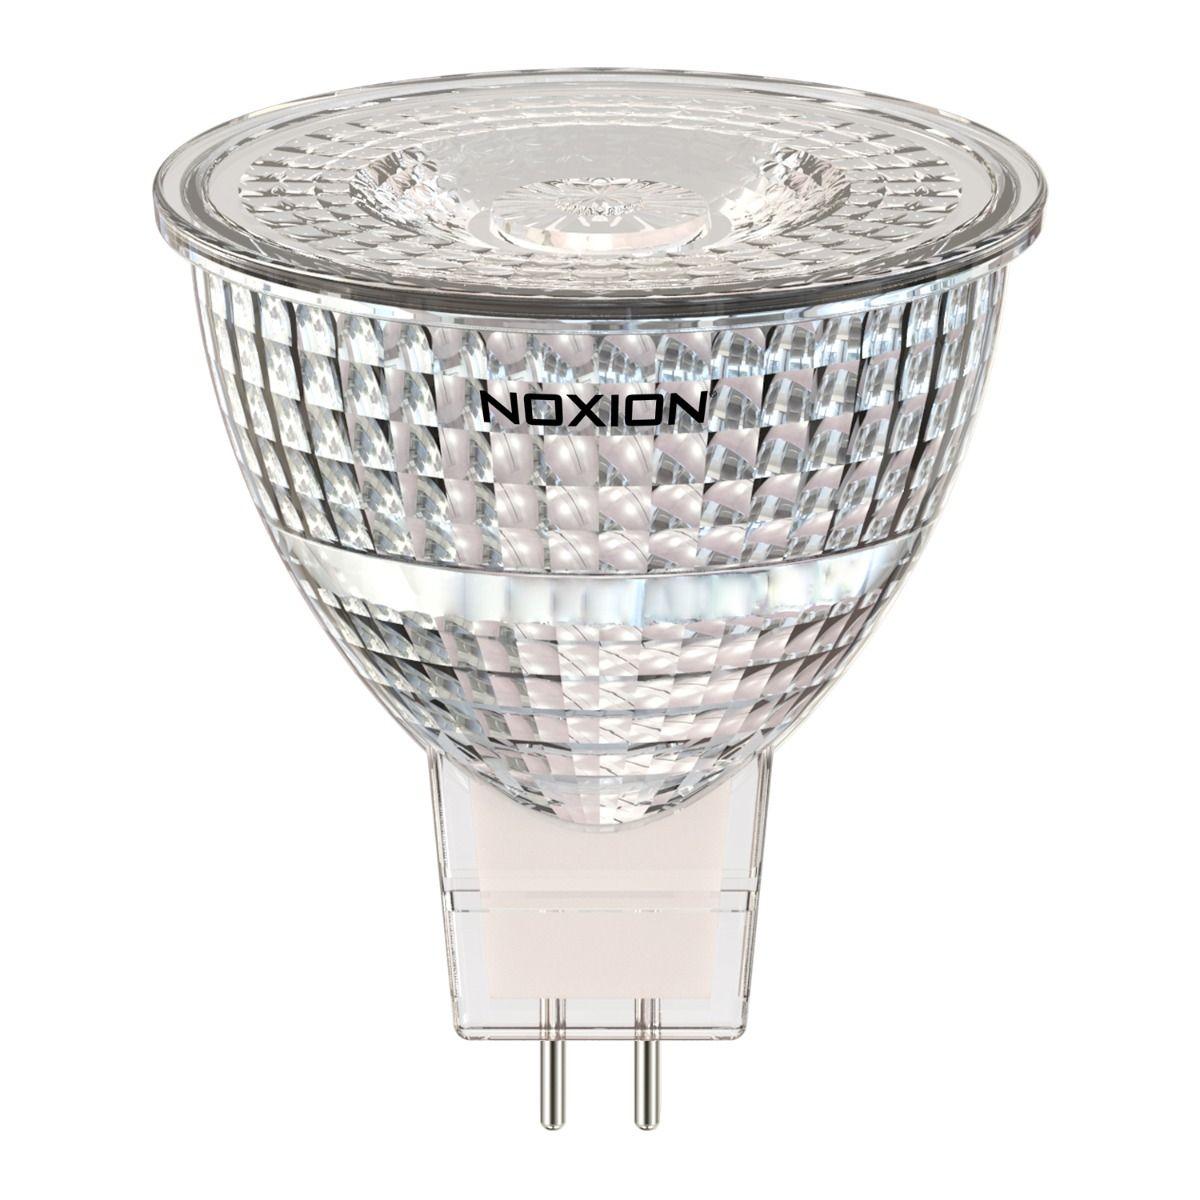 Noxion LED Kohdevalaisin GU5.3 7.8W 840 36D 730lm   Kylmä Valkoinen - Korvaa 50W